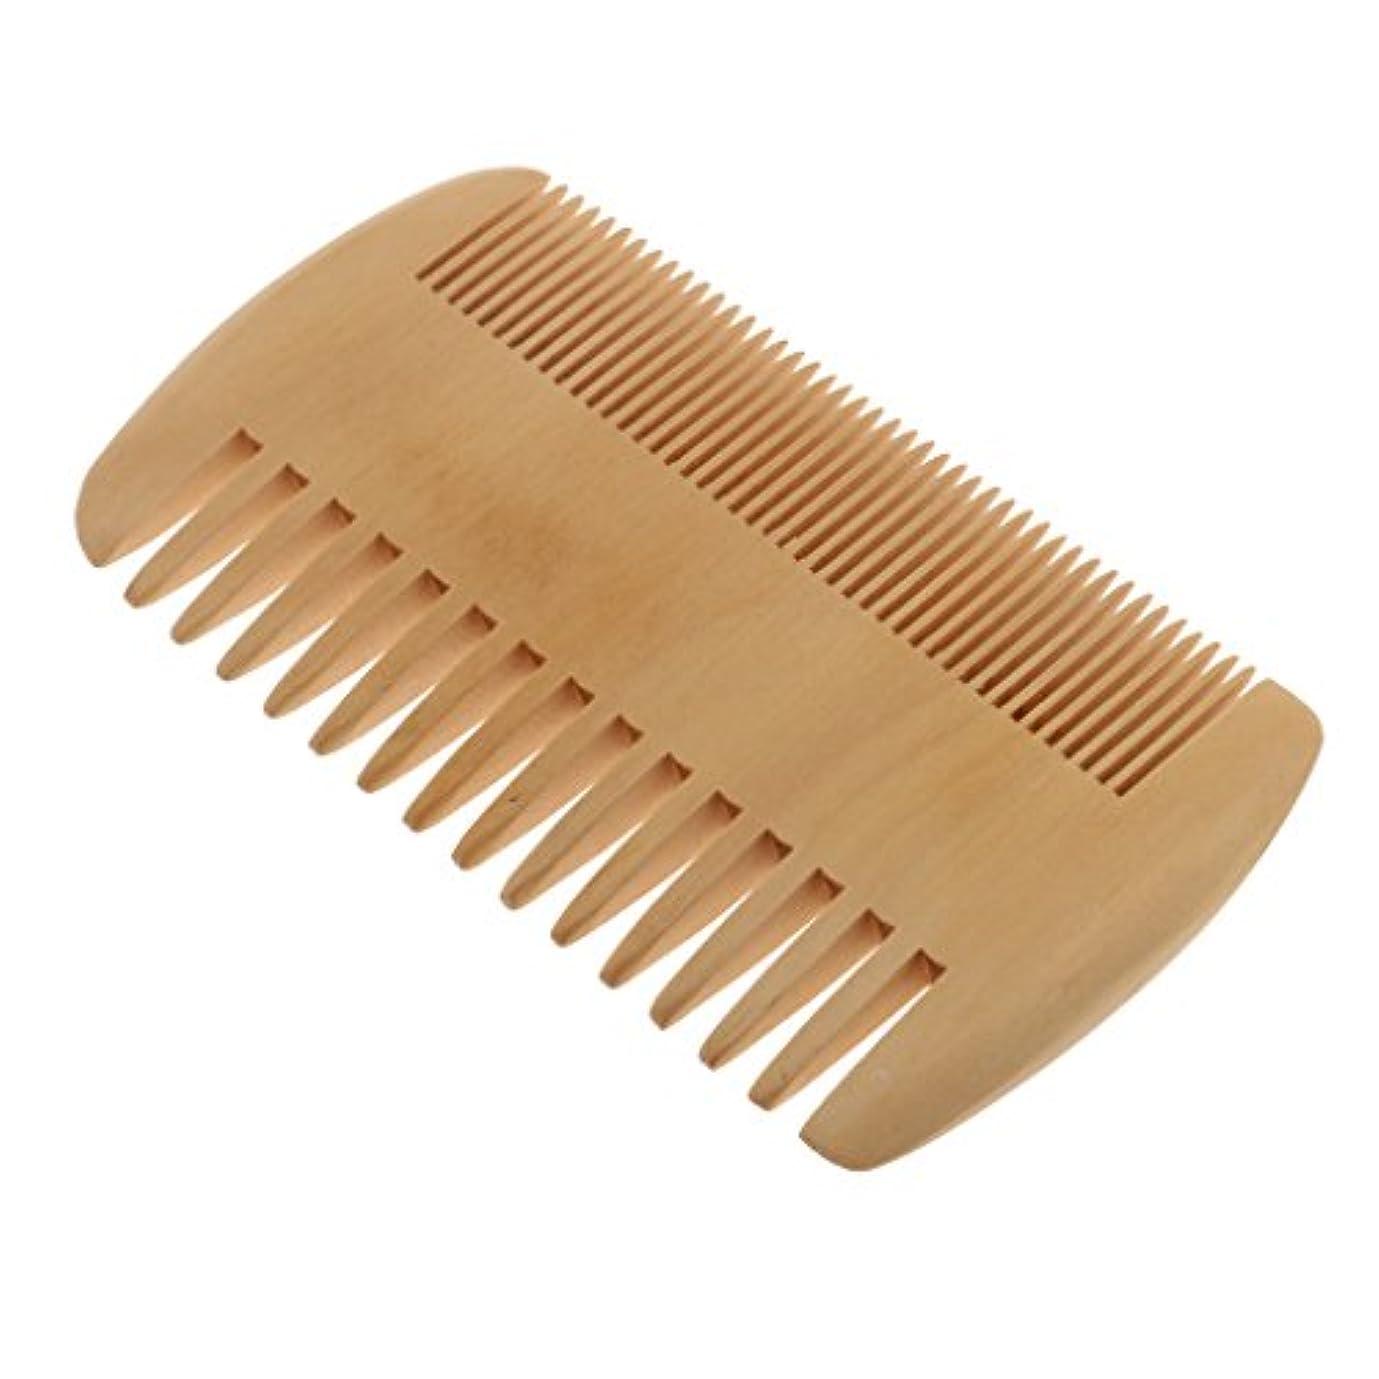 オン劣る尋ねるハンドメイドの自然なモモ材長いおよび短いひげのための静的なくしのポケット無し滑らかな先端の毛のマッサージのブラシ